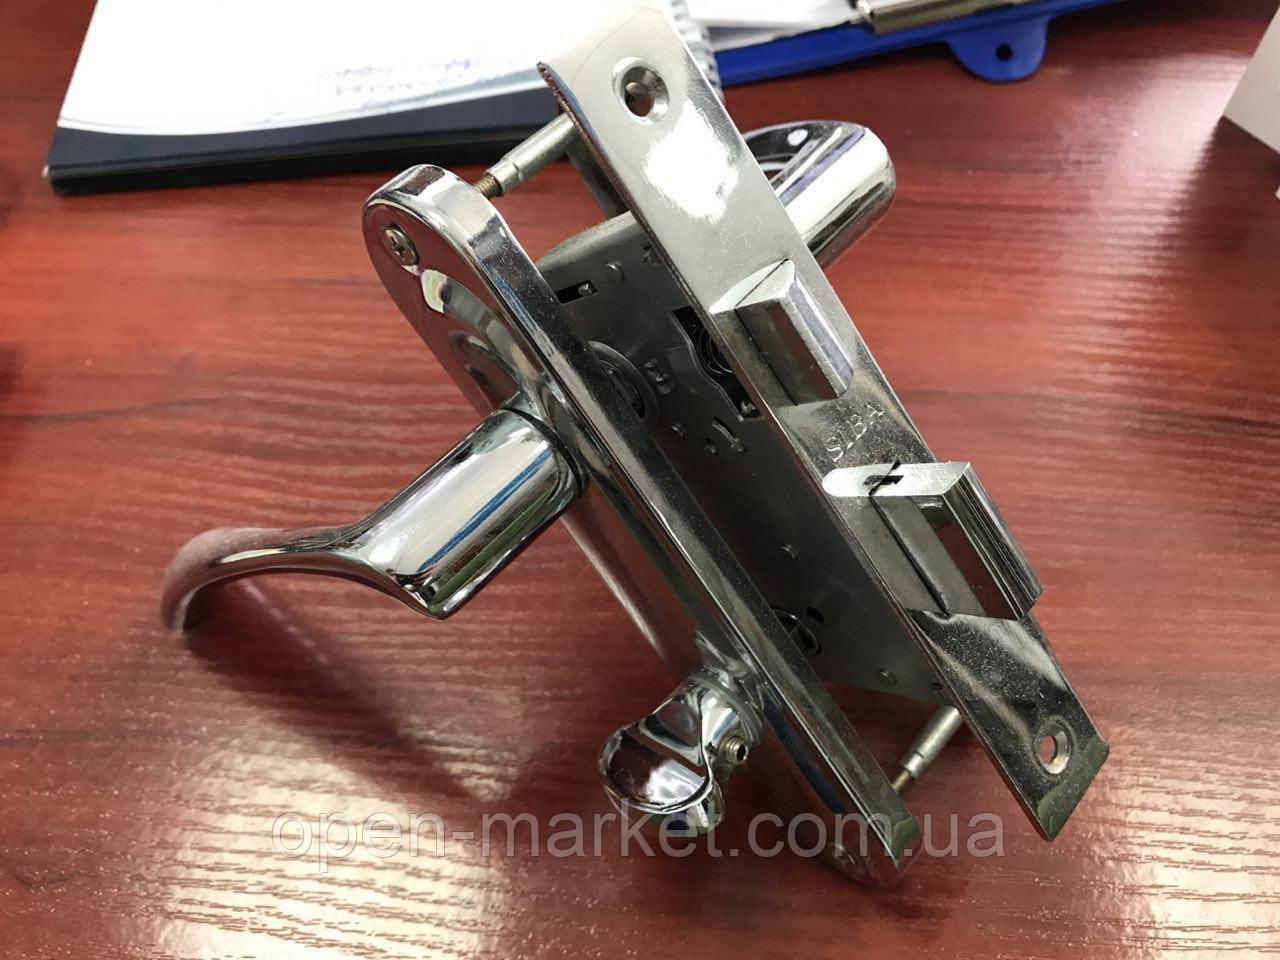 Ручка-планка с сердцевиной ключ-ключ и механизмом для межкомнатной двери с замком, Николаев